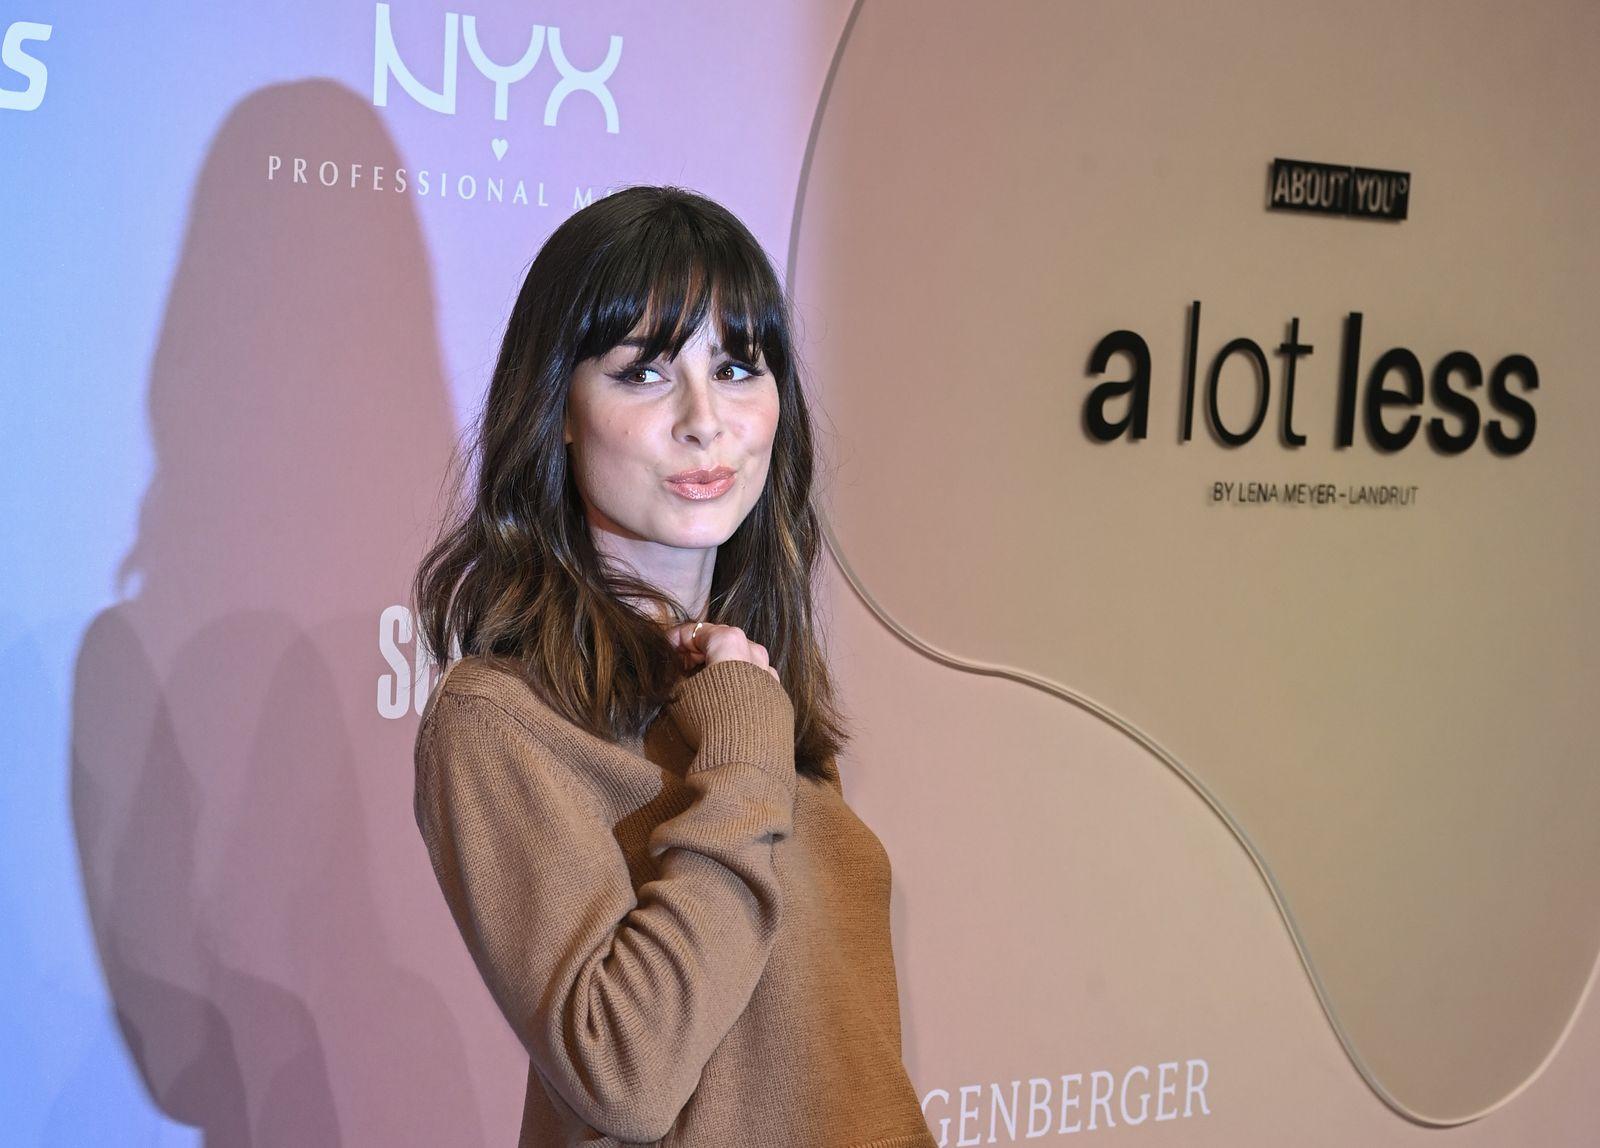 About You Fashion Week - a lot less by Lena Meyer-Landrut